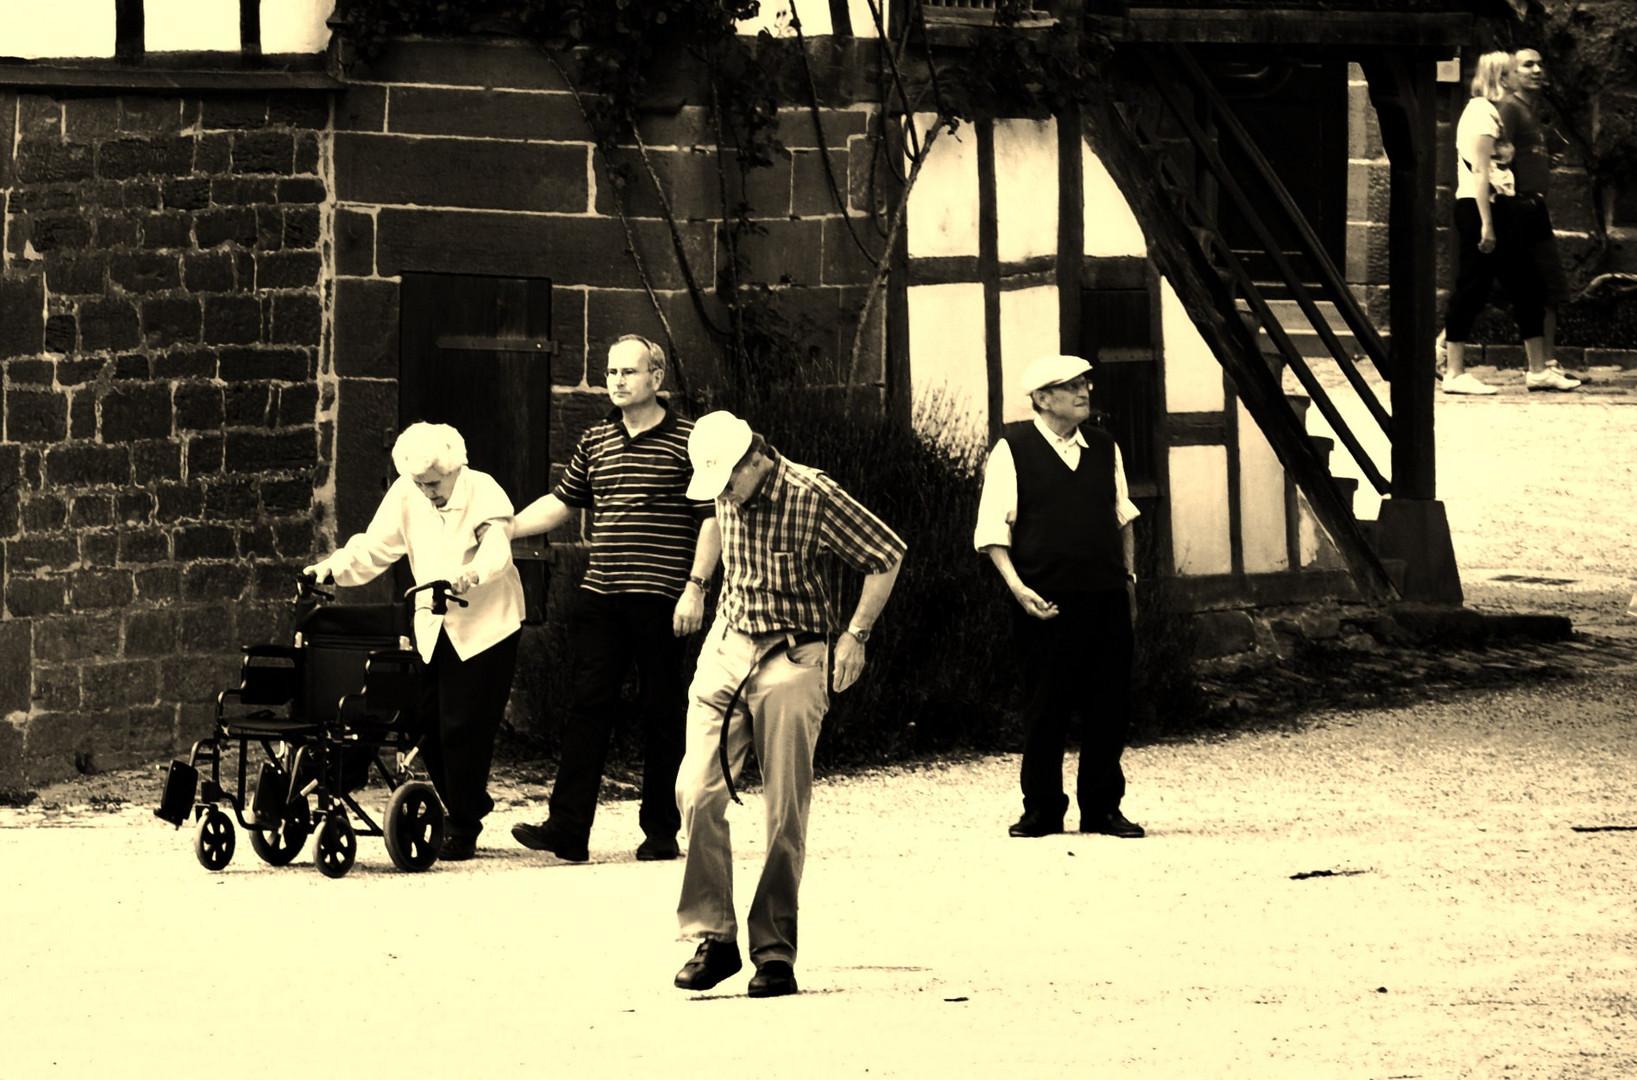 Menschen in der Klosteranlage,  oder manchmal hält der Gürtel nicht was er verspricht...